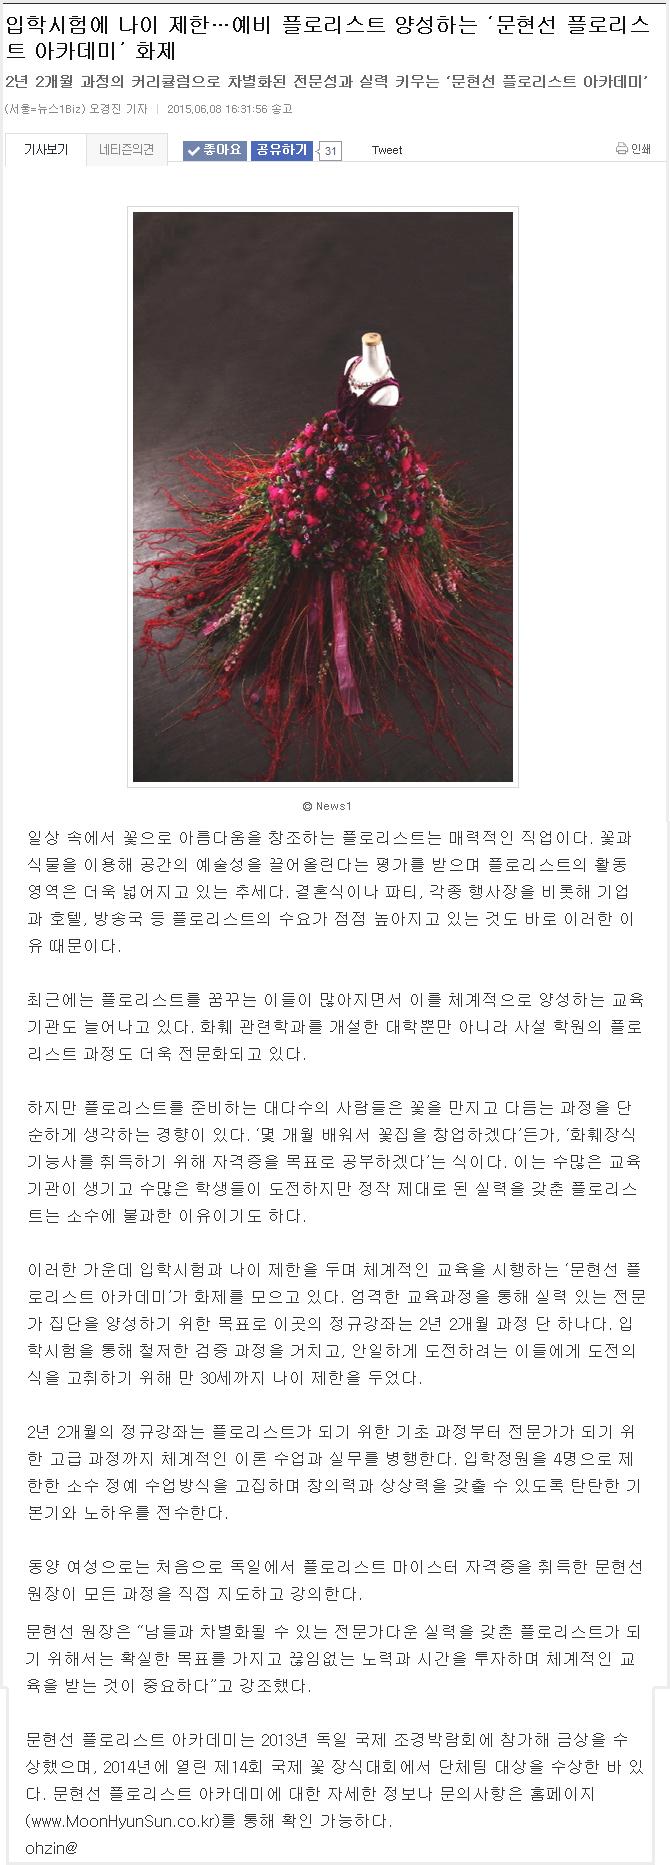 moonhyunsun_15_6_8.jpg